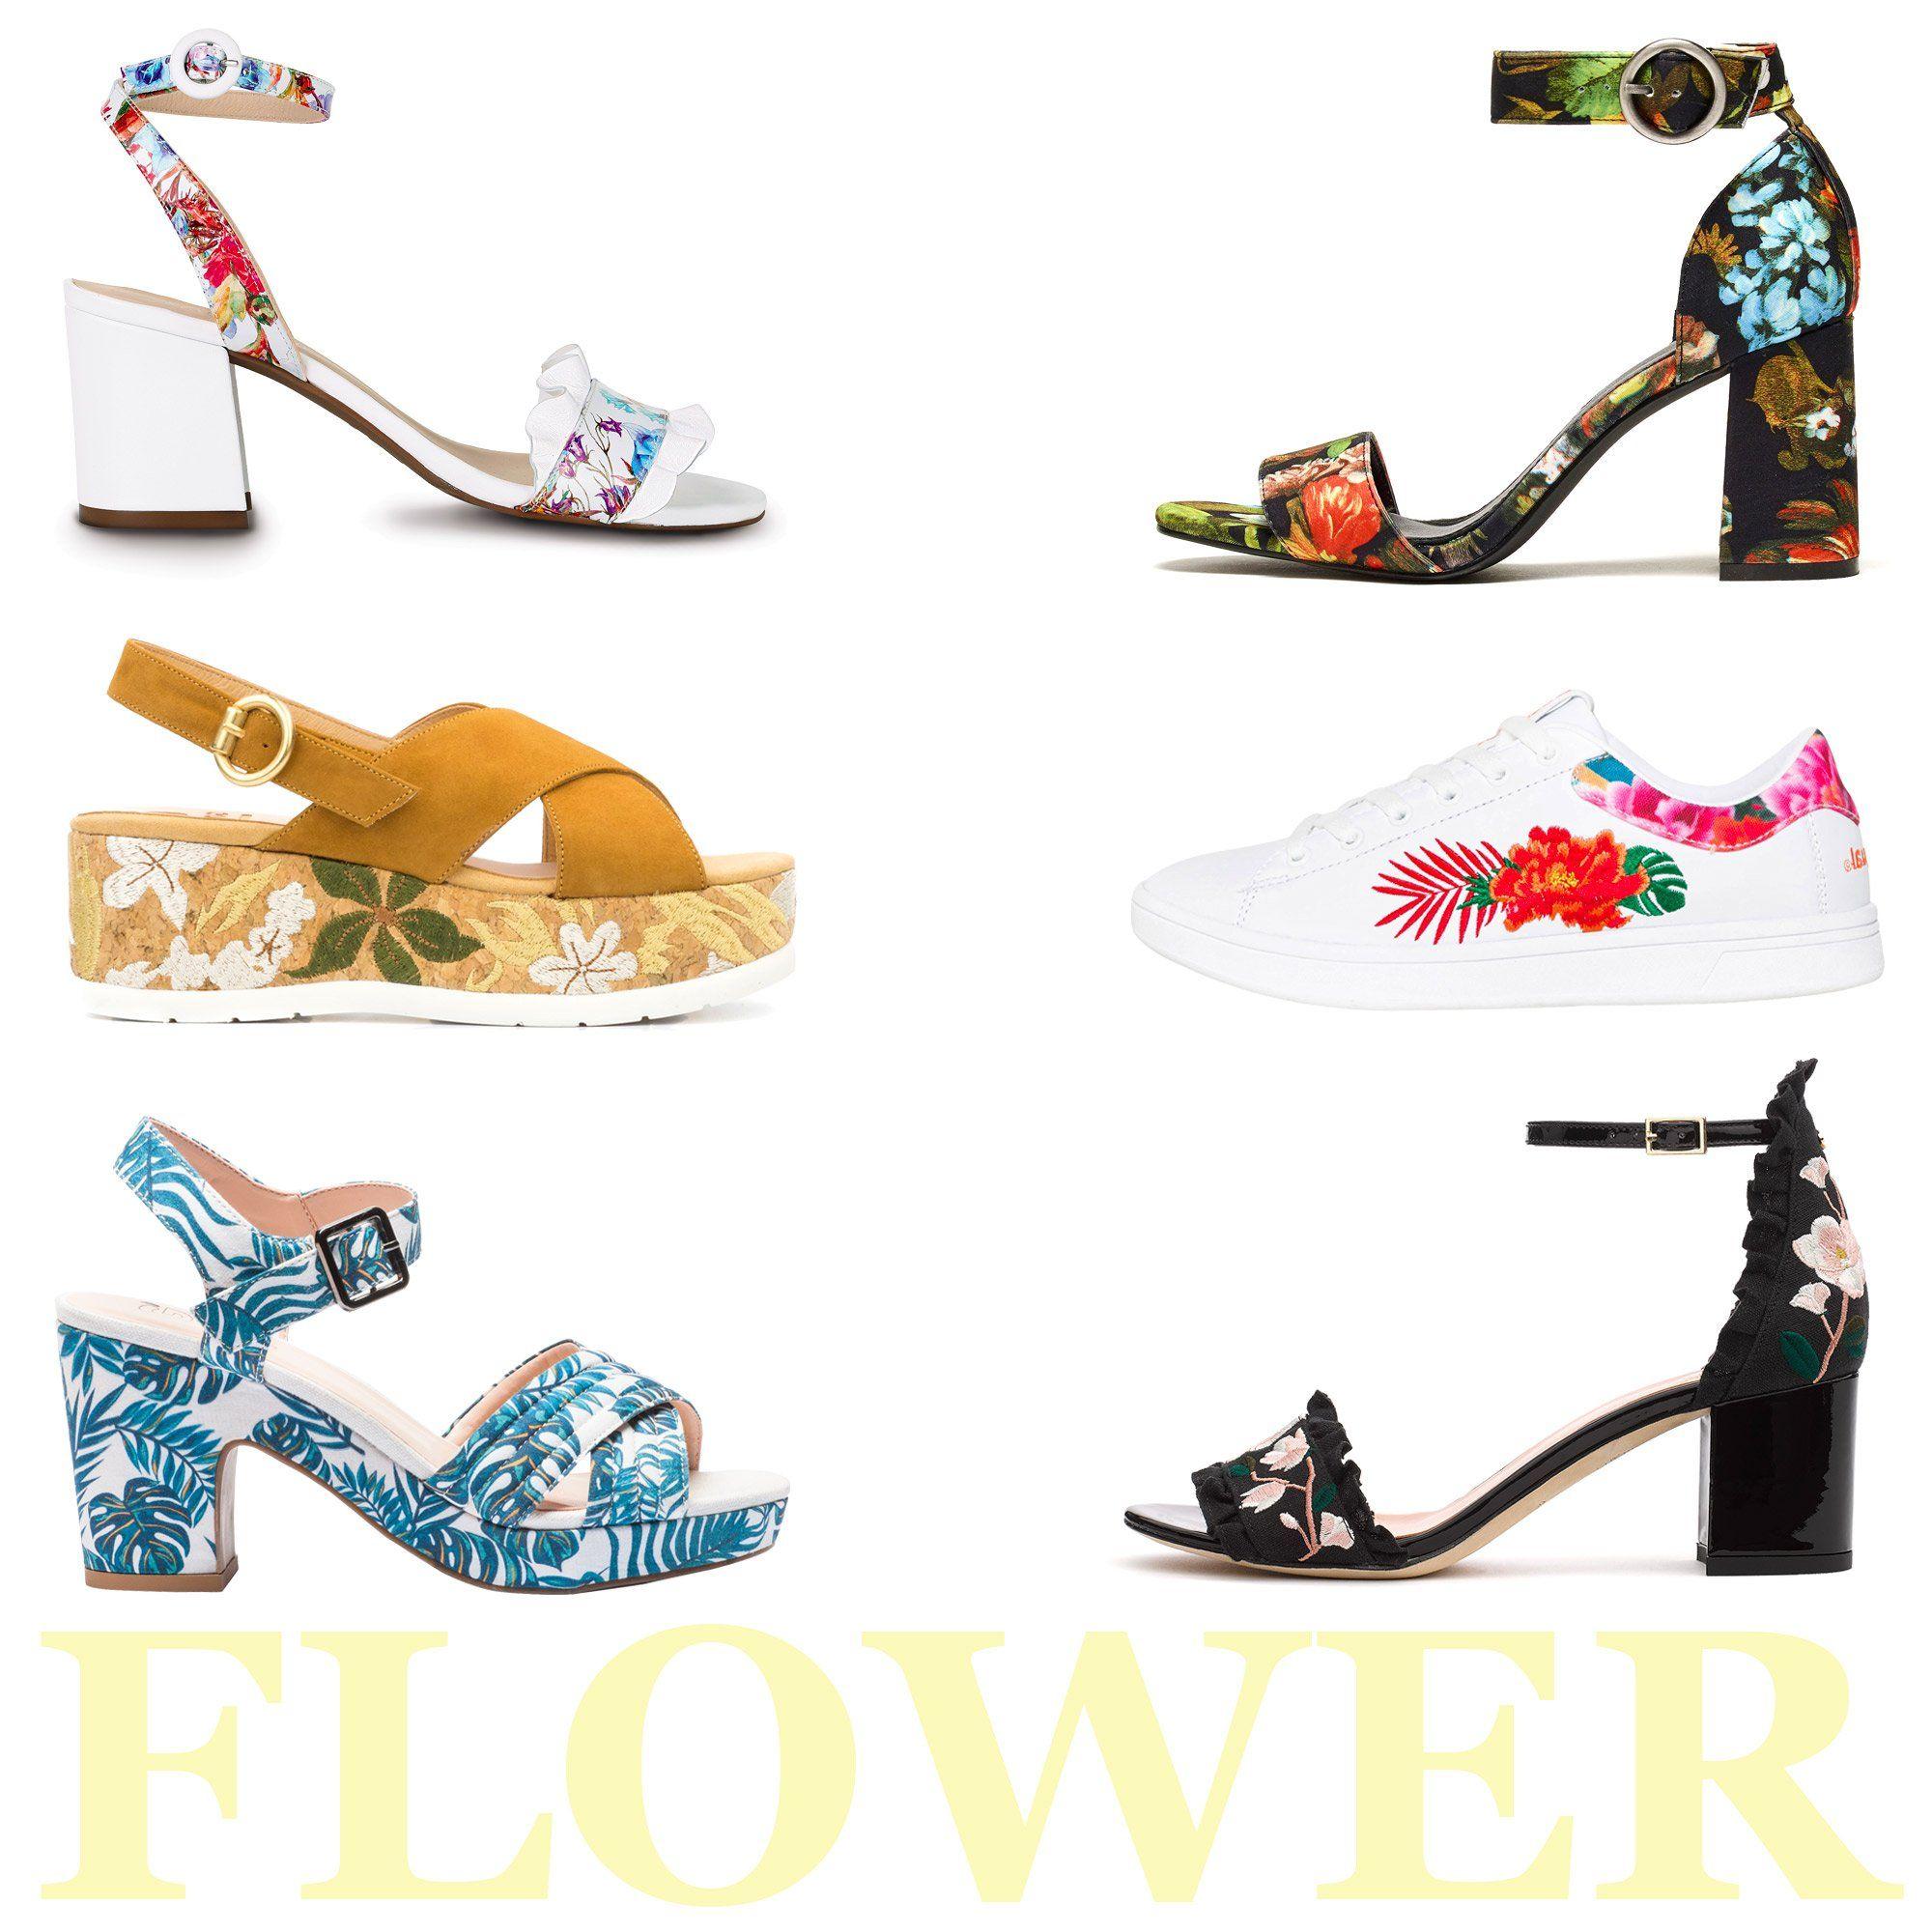 L Imprimé Flower Tendance Chaussures Printemps été 2018 Chaussure Printemps Chaussures Avec Robe Chaussure